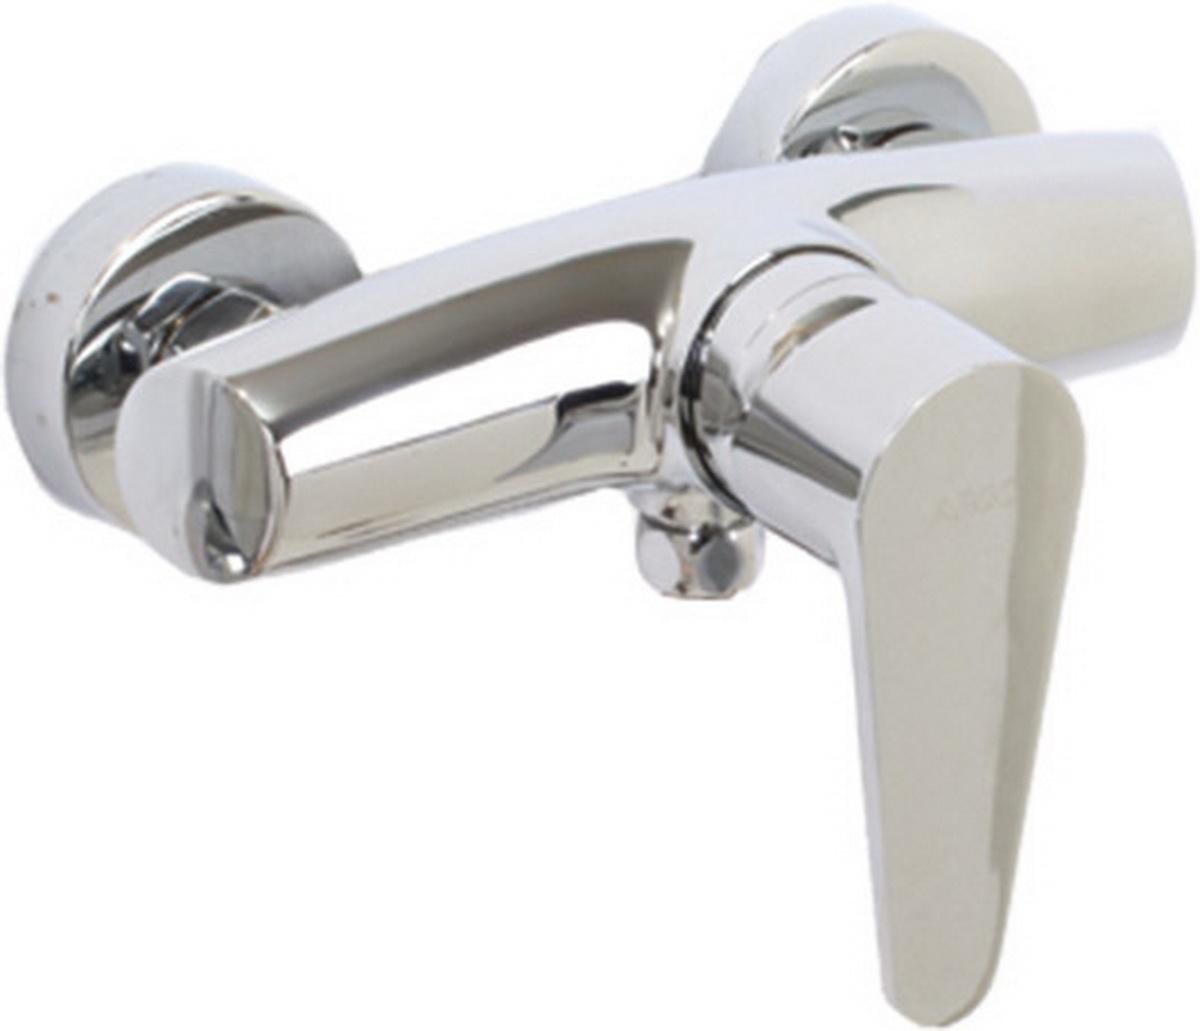 """Смеситель для душа Argo """"Beta"""" предназначен для смешивания холодной и горячей воды, устанавливается на стену. Смеситель выполнен из хромированной нержавеющей стали. В комплекте имеется душевая лейка """"Premium"""" четырехпозиционная (душ, массаж, аэро, душ/аэро) и наклонный кронштейн. Учащенный двойной замок, 1/2"""" с конусом свободного вращения. Длина шланга для душа: 150-180 см. Запорный механизм: картридж d-40 мм """"Short-size"""". Крепеж: эксцентрик усиленный 3/4"""" x 1/2"""" с редуктором шума, прокладка-фильтр."""